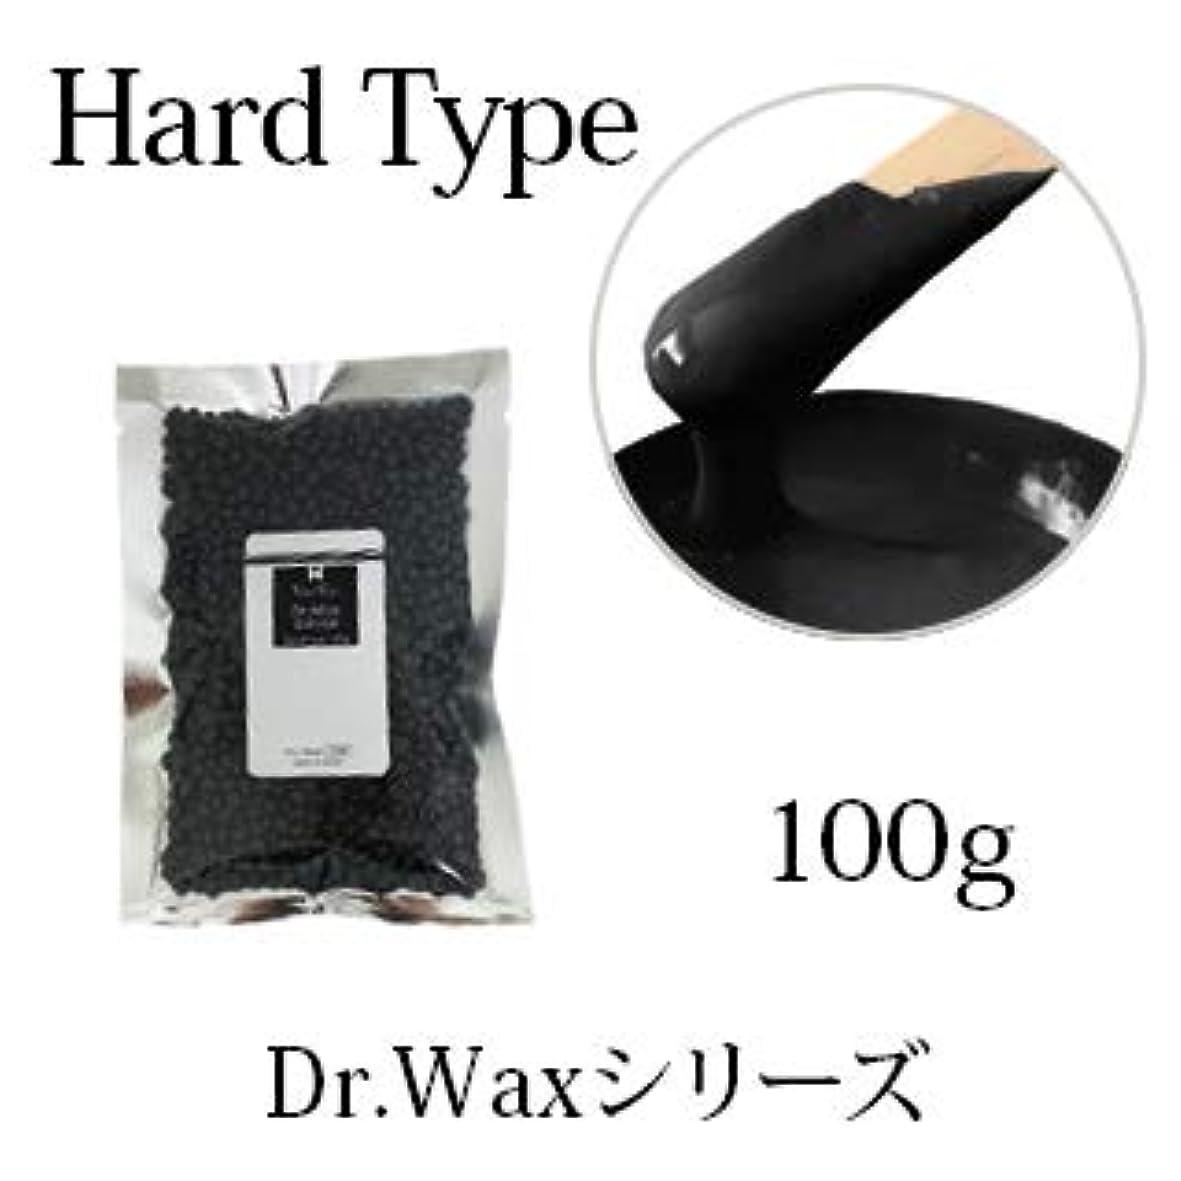 マイクなので満たす【Dr.waxシリーズ】ワックス脱毛 粒タイプ 紙を使用しない ハードワックス (キャビア 100g)